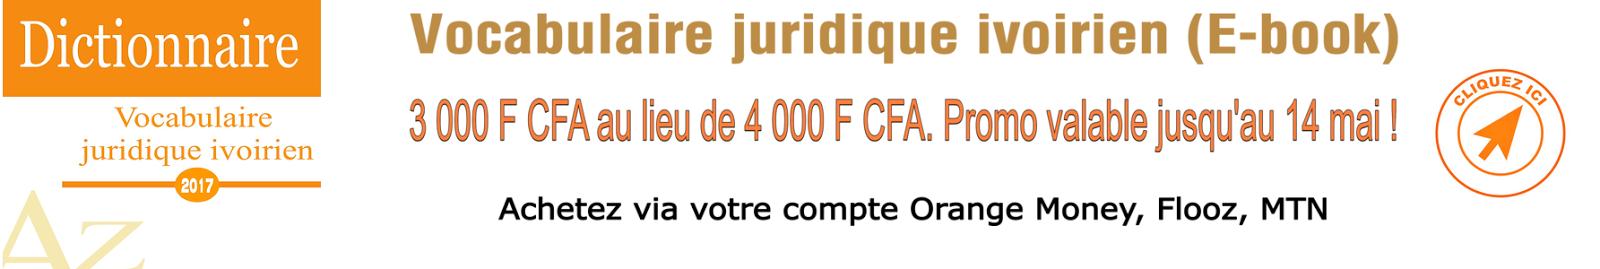 lexique juridique ivoirien PDF